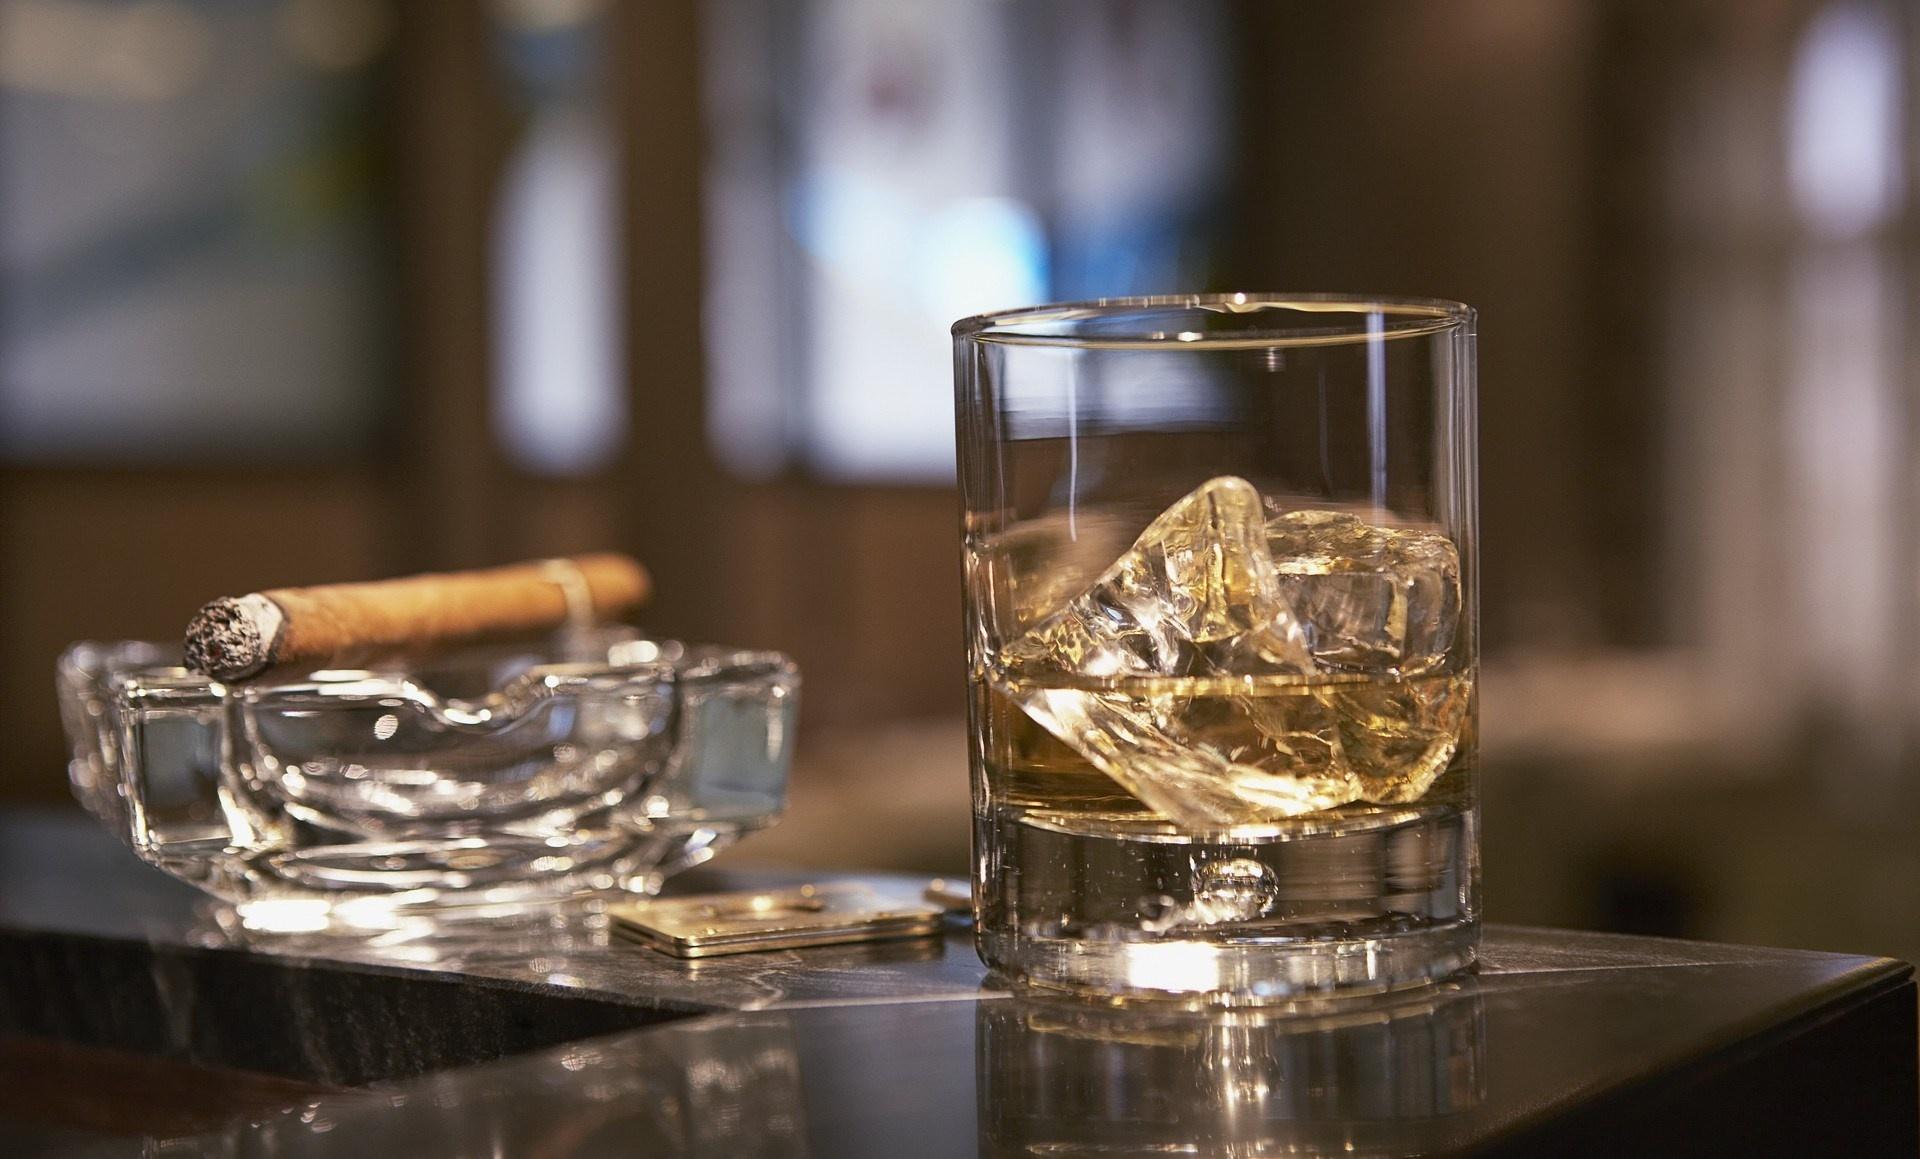 будущий святой красивые картинки виски со льдом же, рядом этой